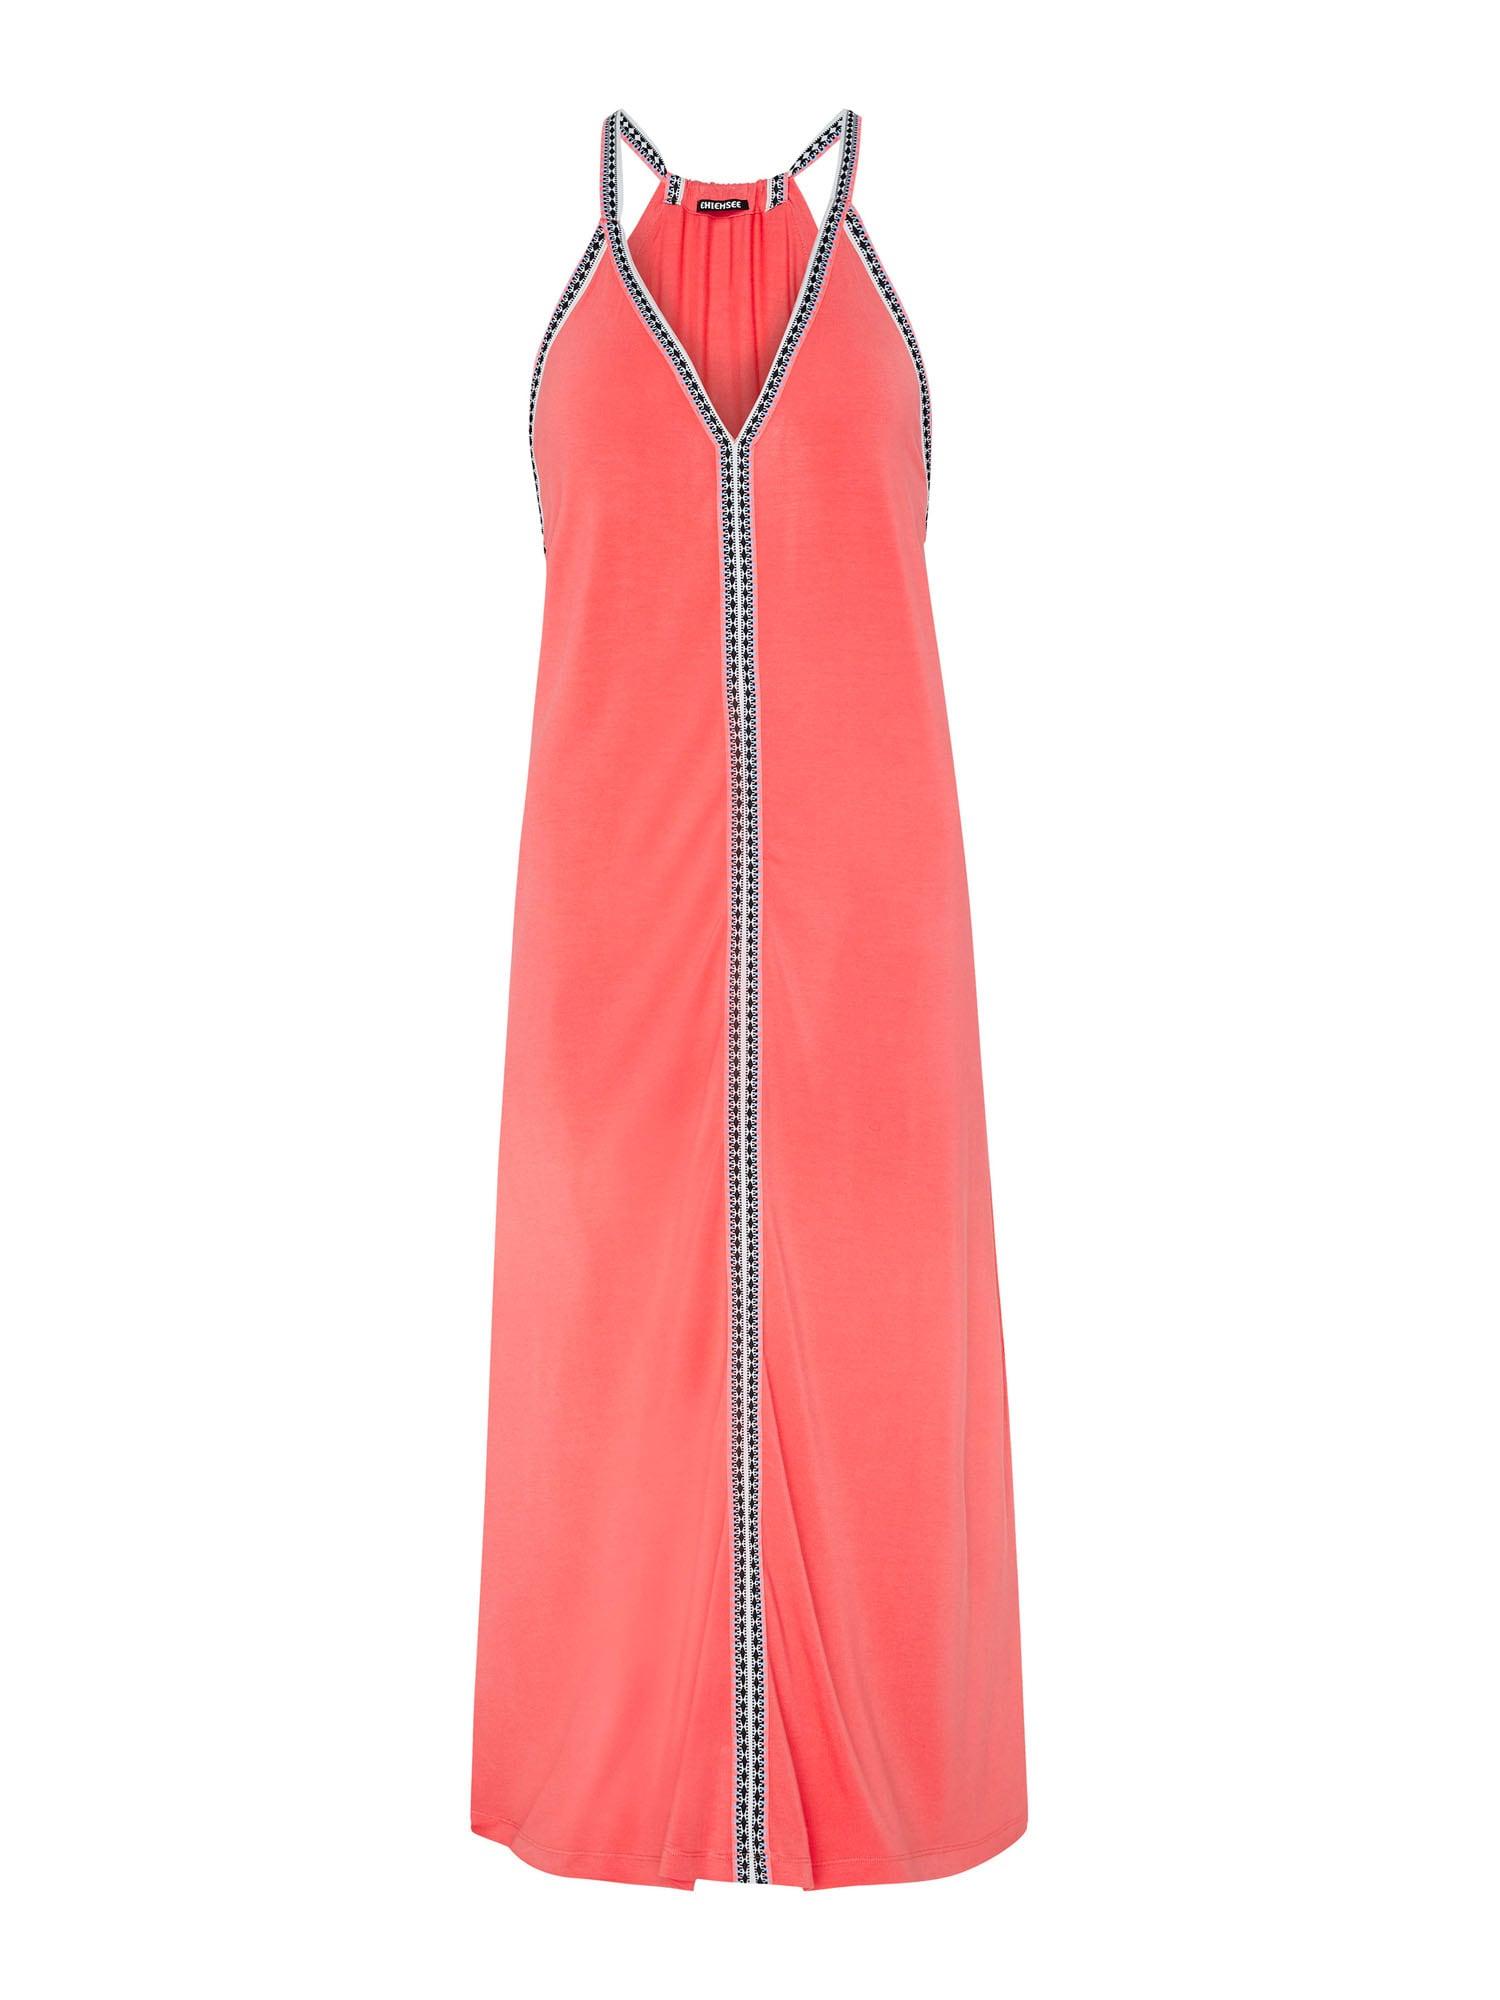 CHIEMSEE Sportinė suknelė neoninė rožinė